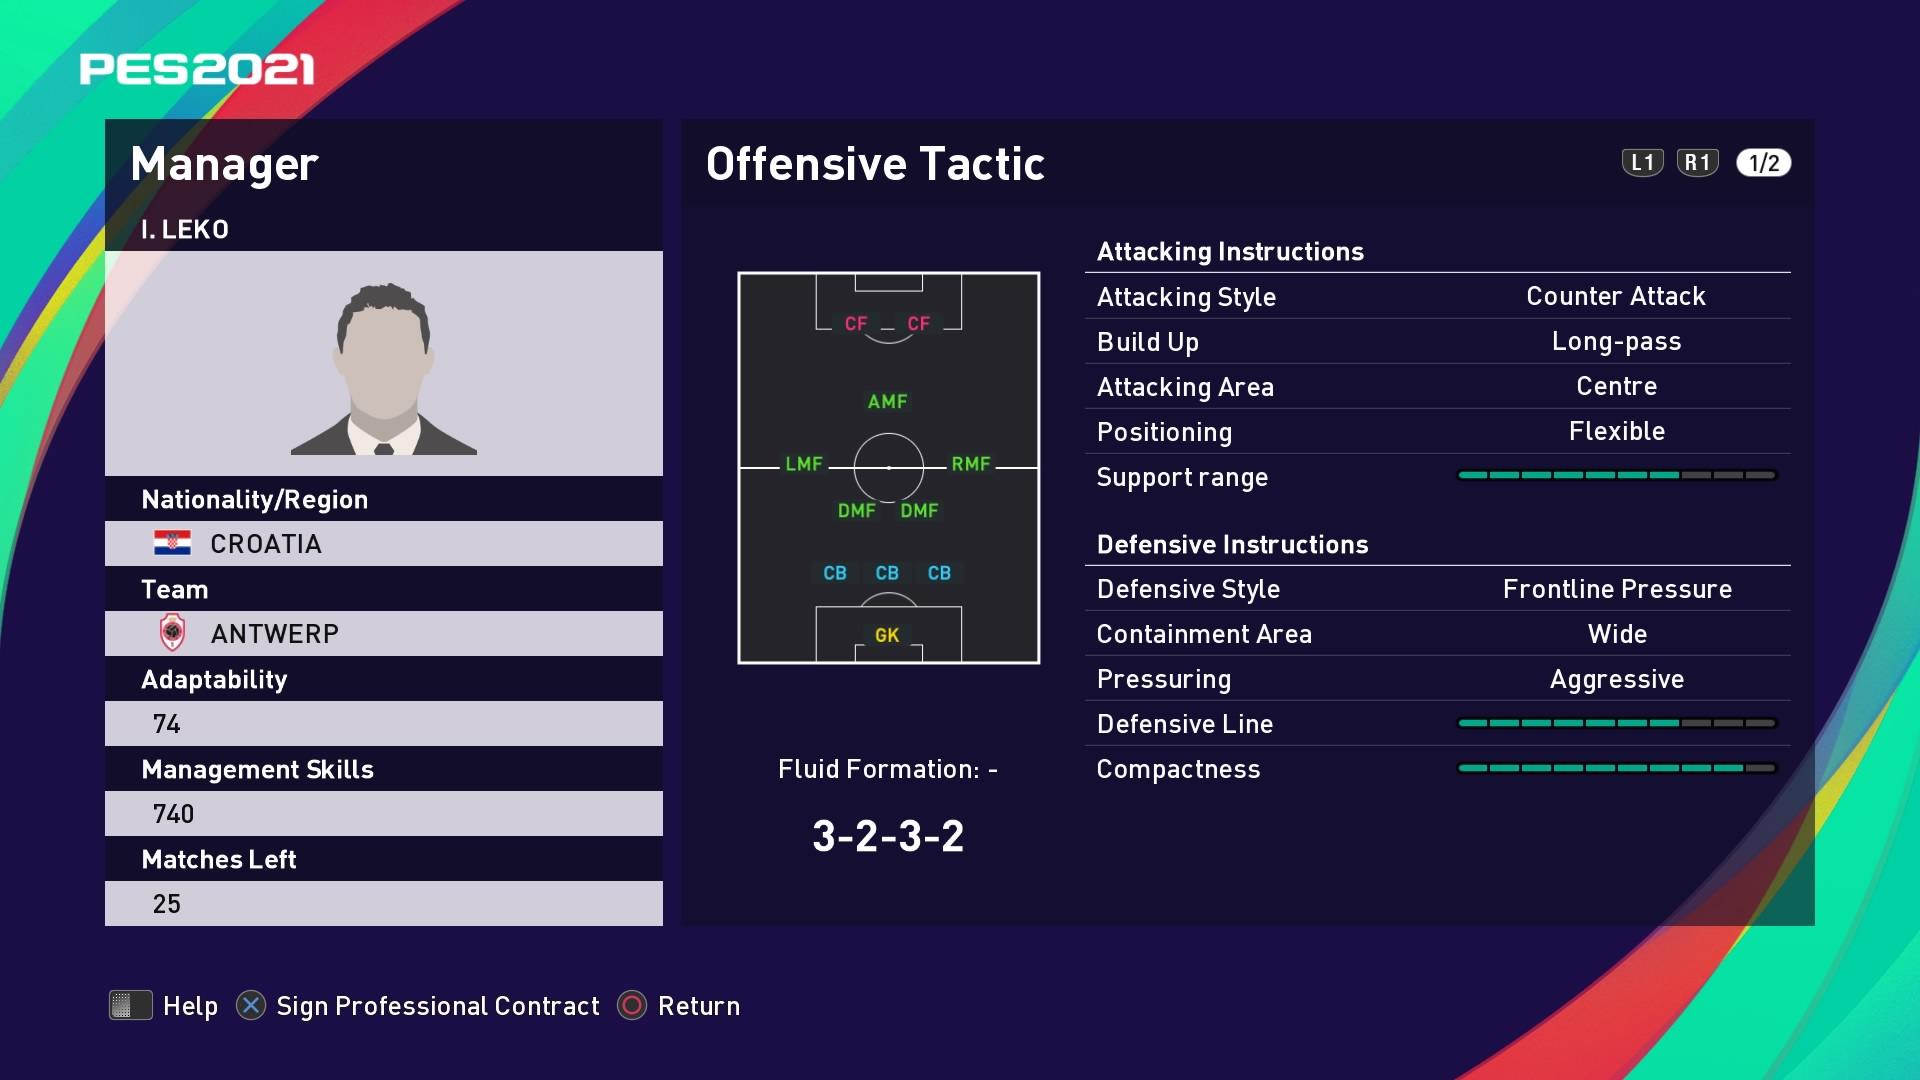 I. Leko (Ivan Leko) Offensive Tactic in PES 2021 myClub